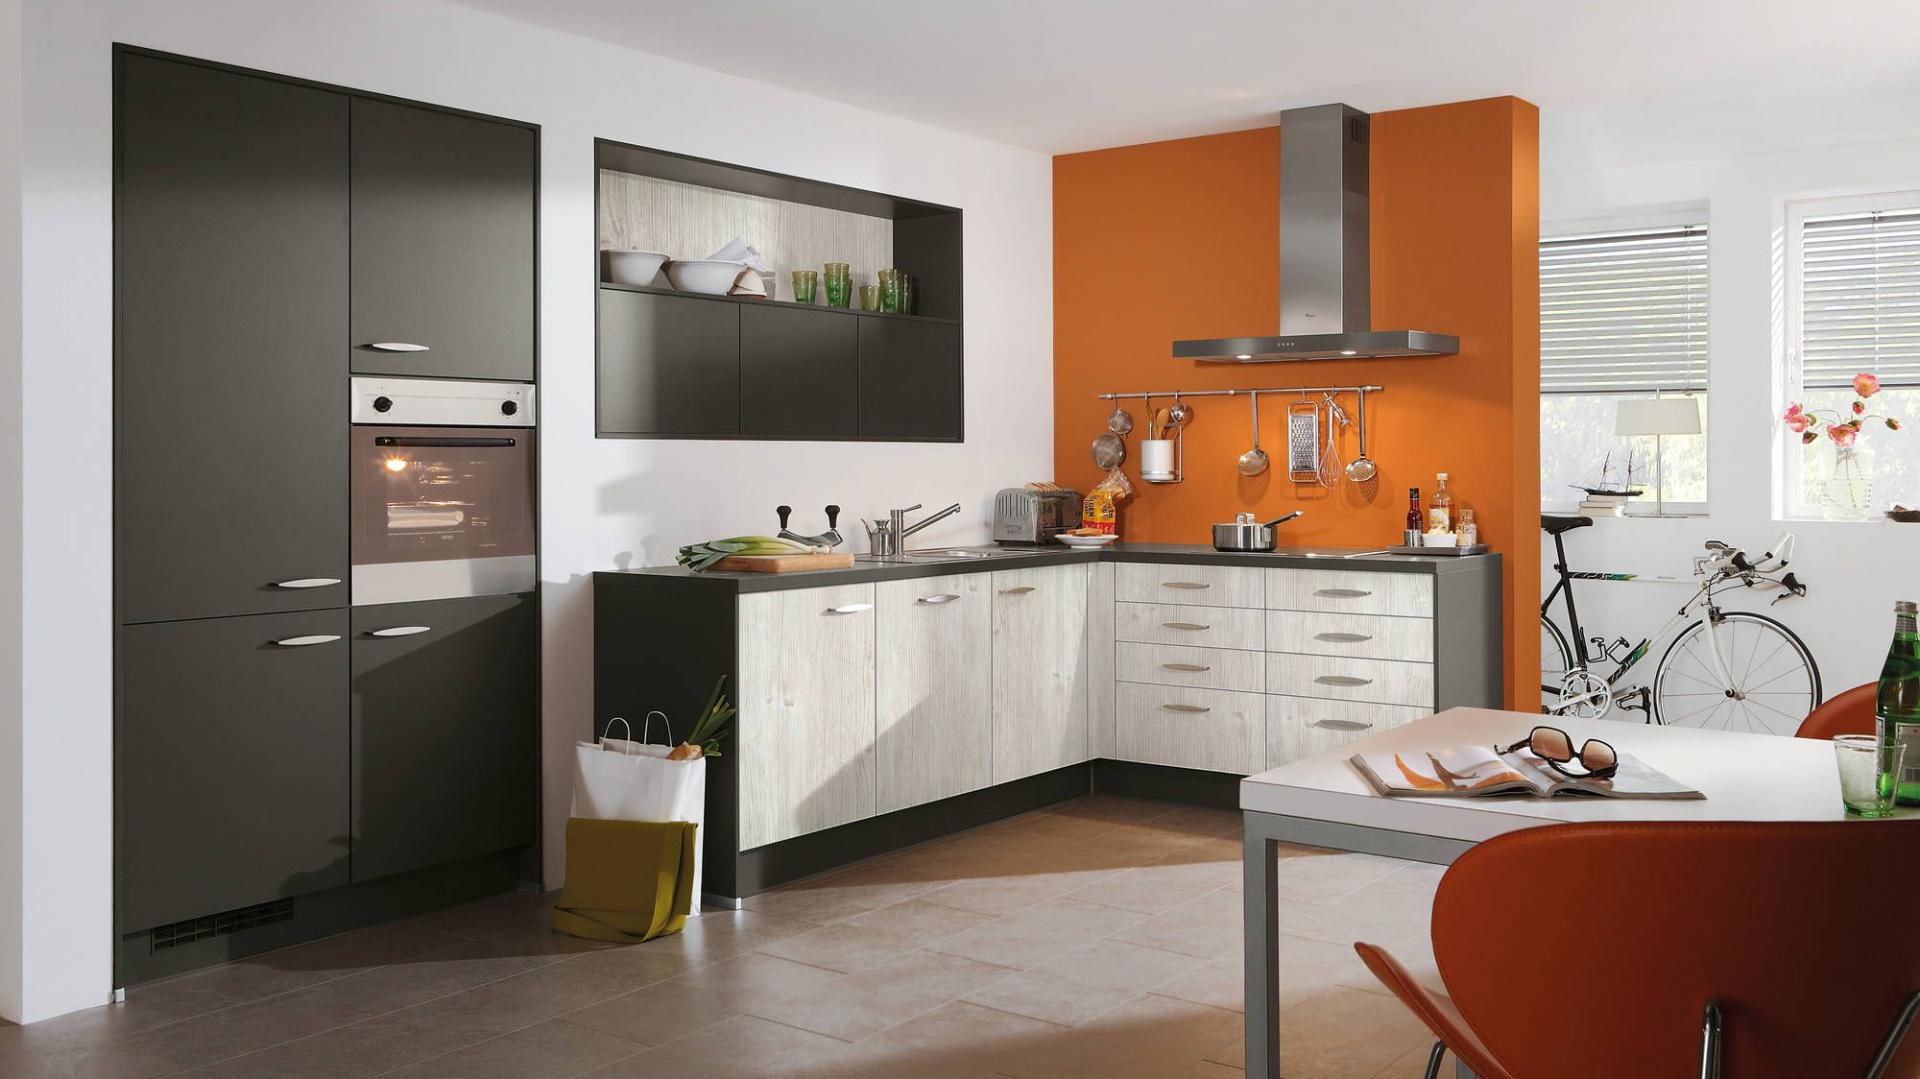 niewielka kuchnia ma a kuchnia 16 najnowszych propozycji od producent w mebli strona 12. Black Bedroom Furniture Sets. Home Design Ideas